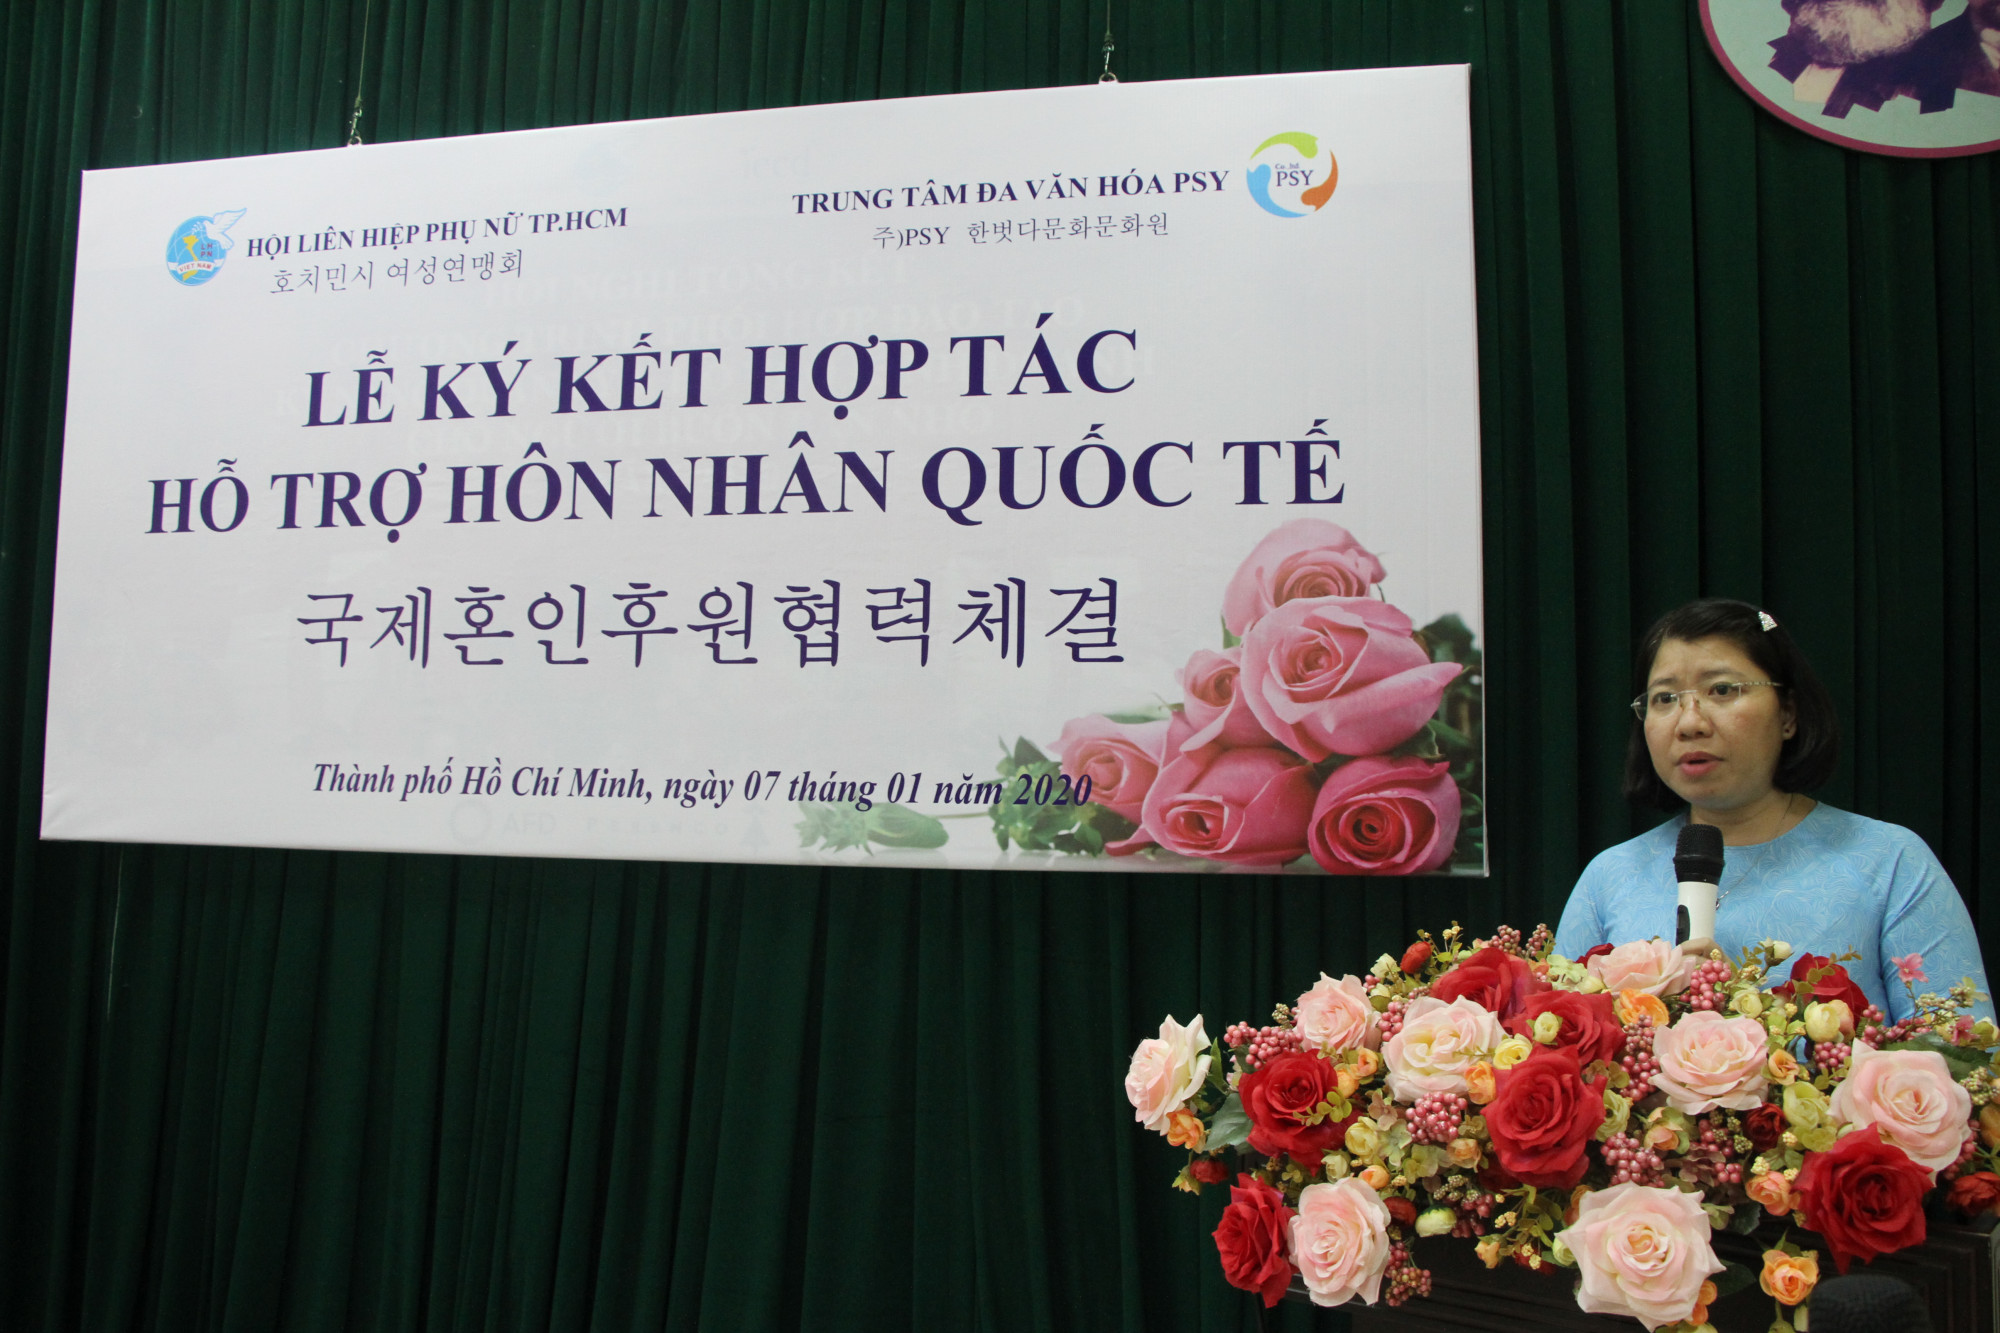 Bà Trần Thị Huyền Thanh - Phó Chủ tịch Hội LHPN TP.HCM phát biểu.